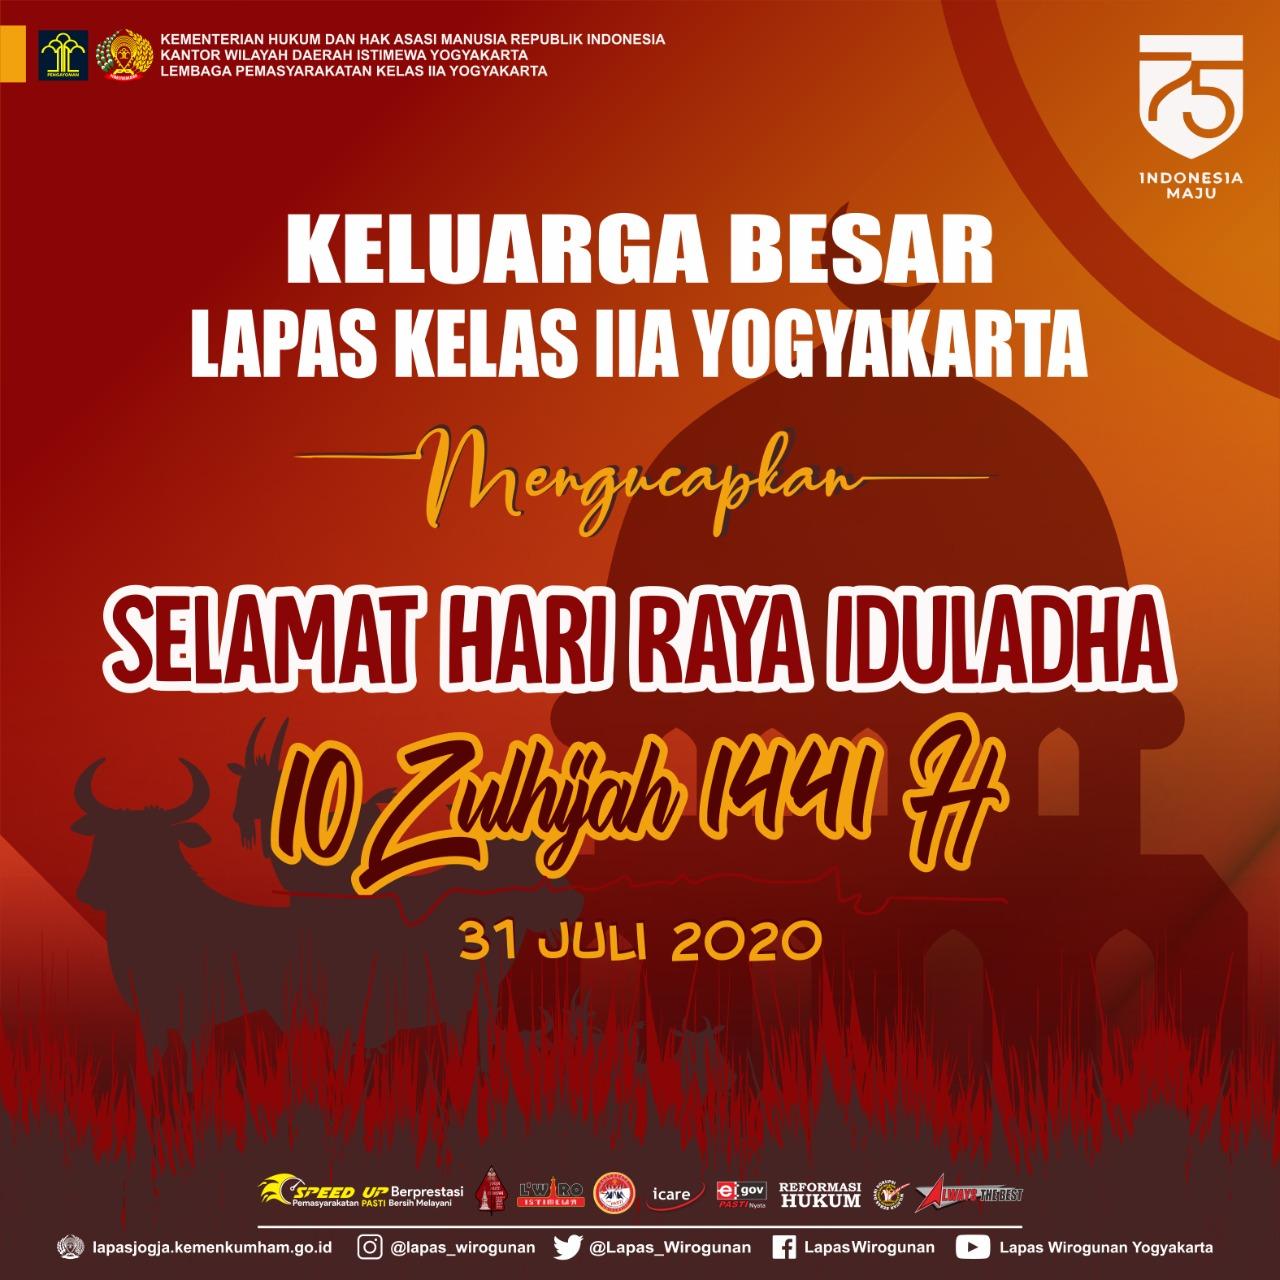 Momen Iduladha, Warga Binaan Lapas Yogyakarta Berkurban Sembilan Ekor Kambing